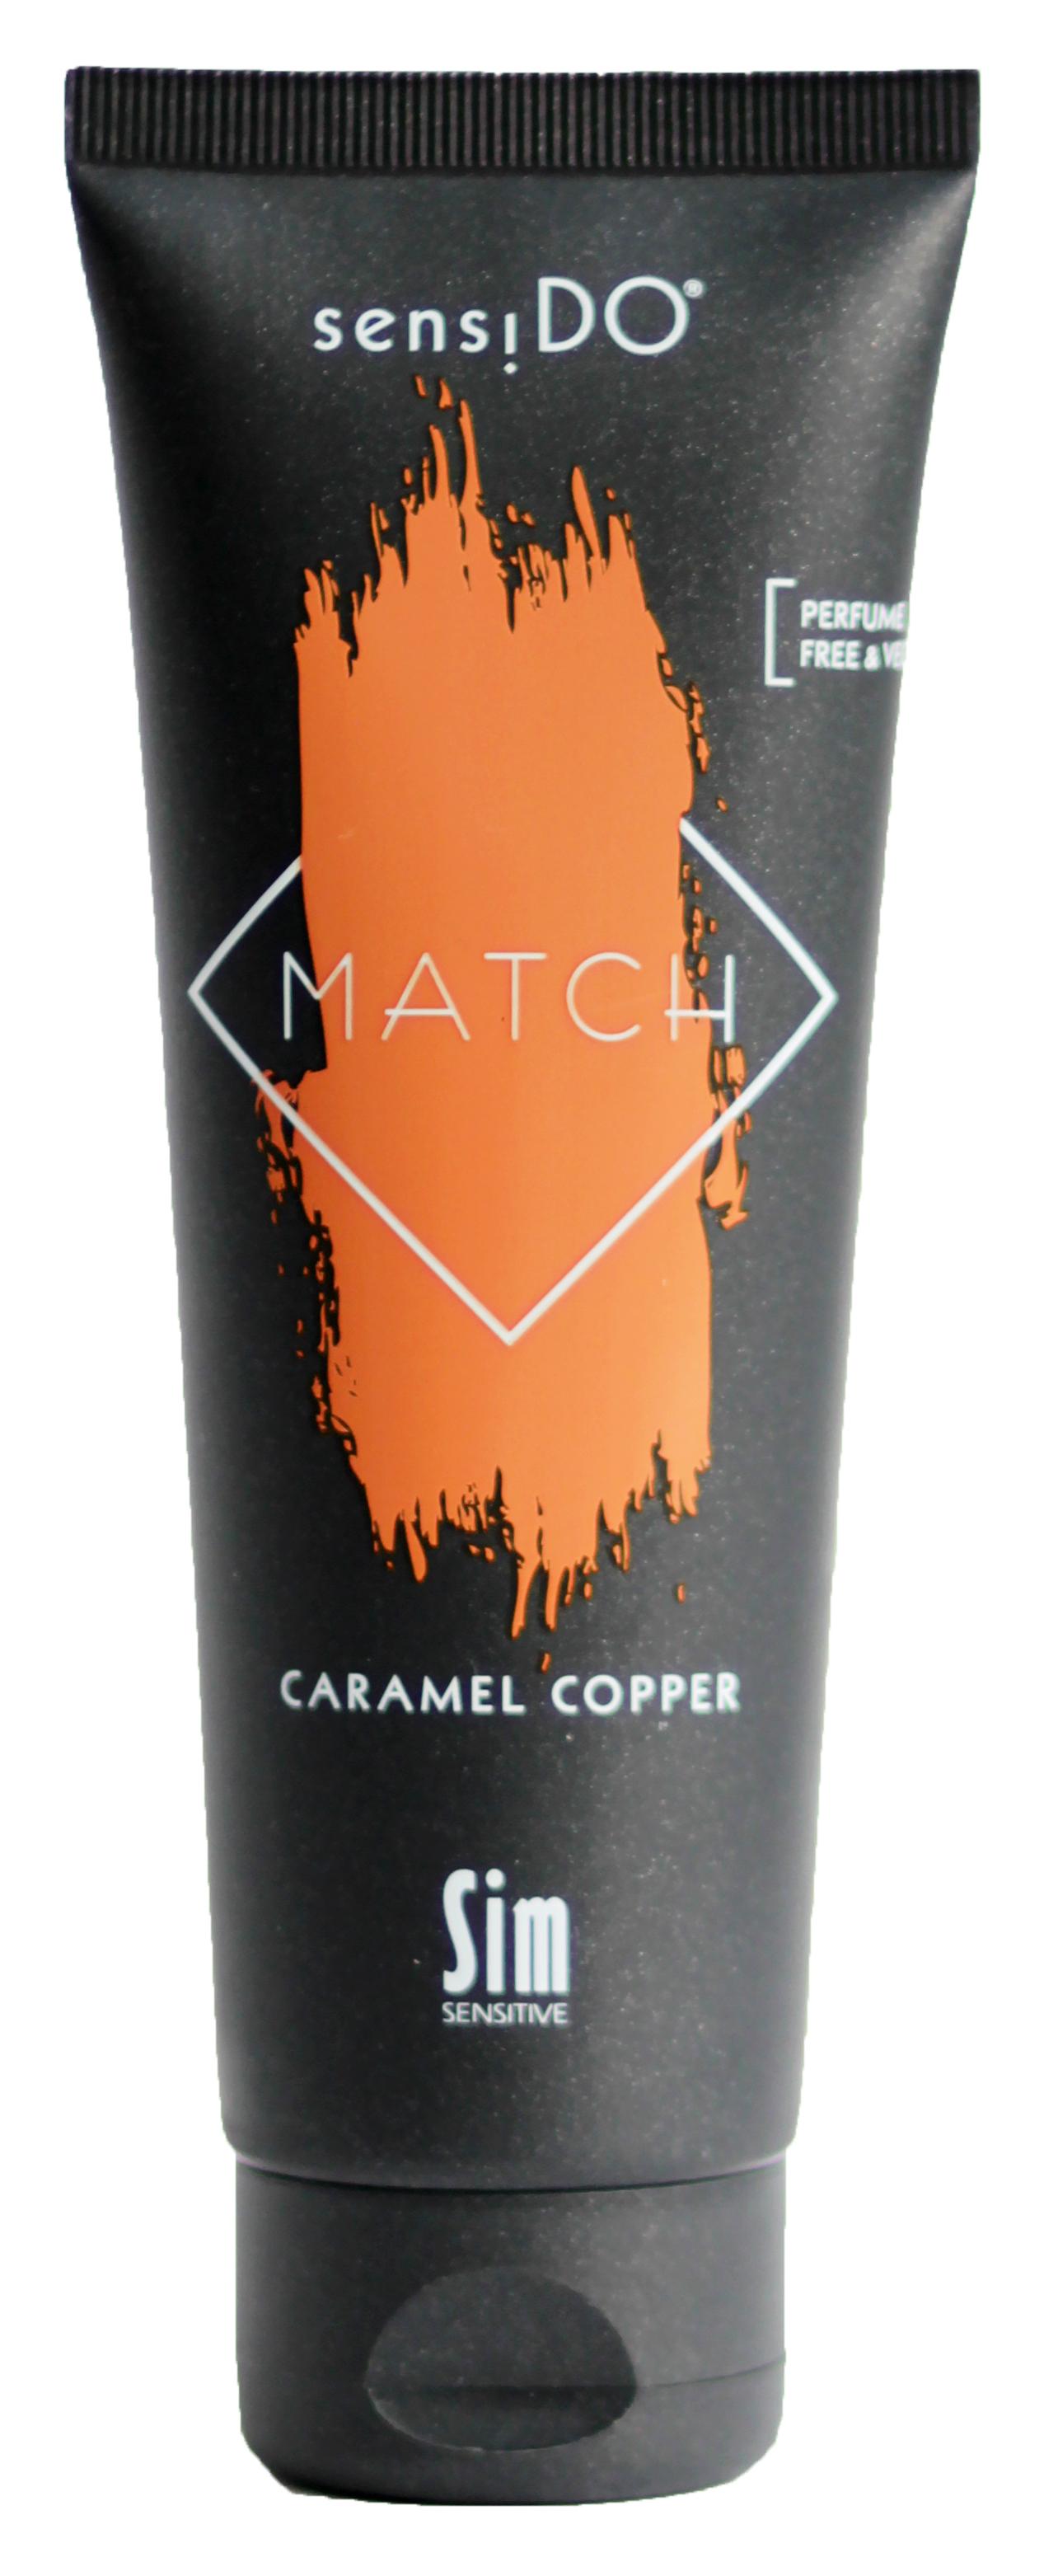 Sim sensitive краситель прямого действия, медно-карамельный / sensido match caramel copper 125 мл